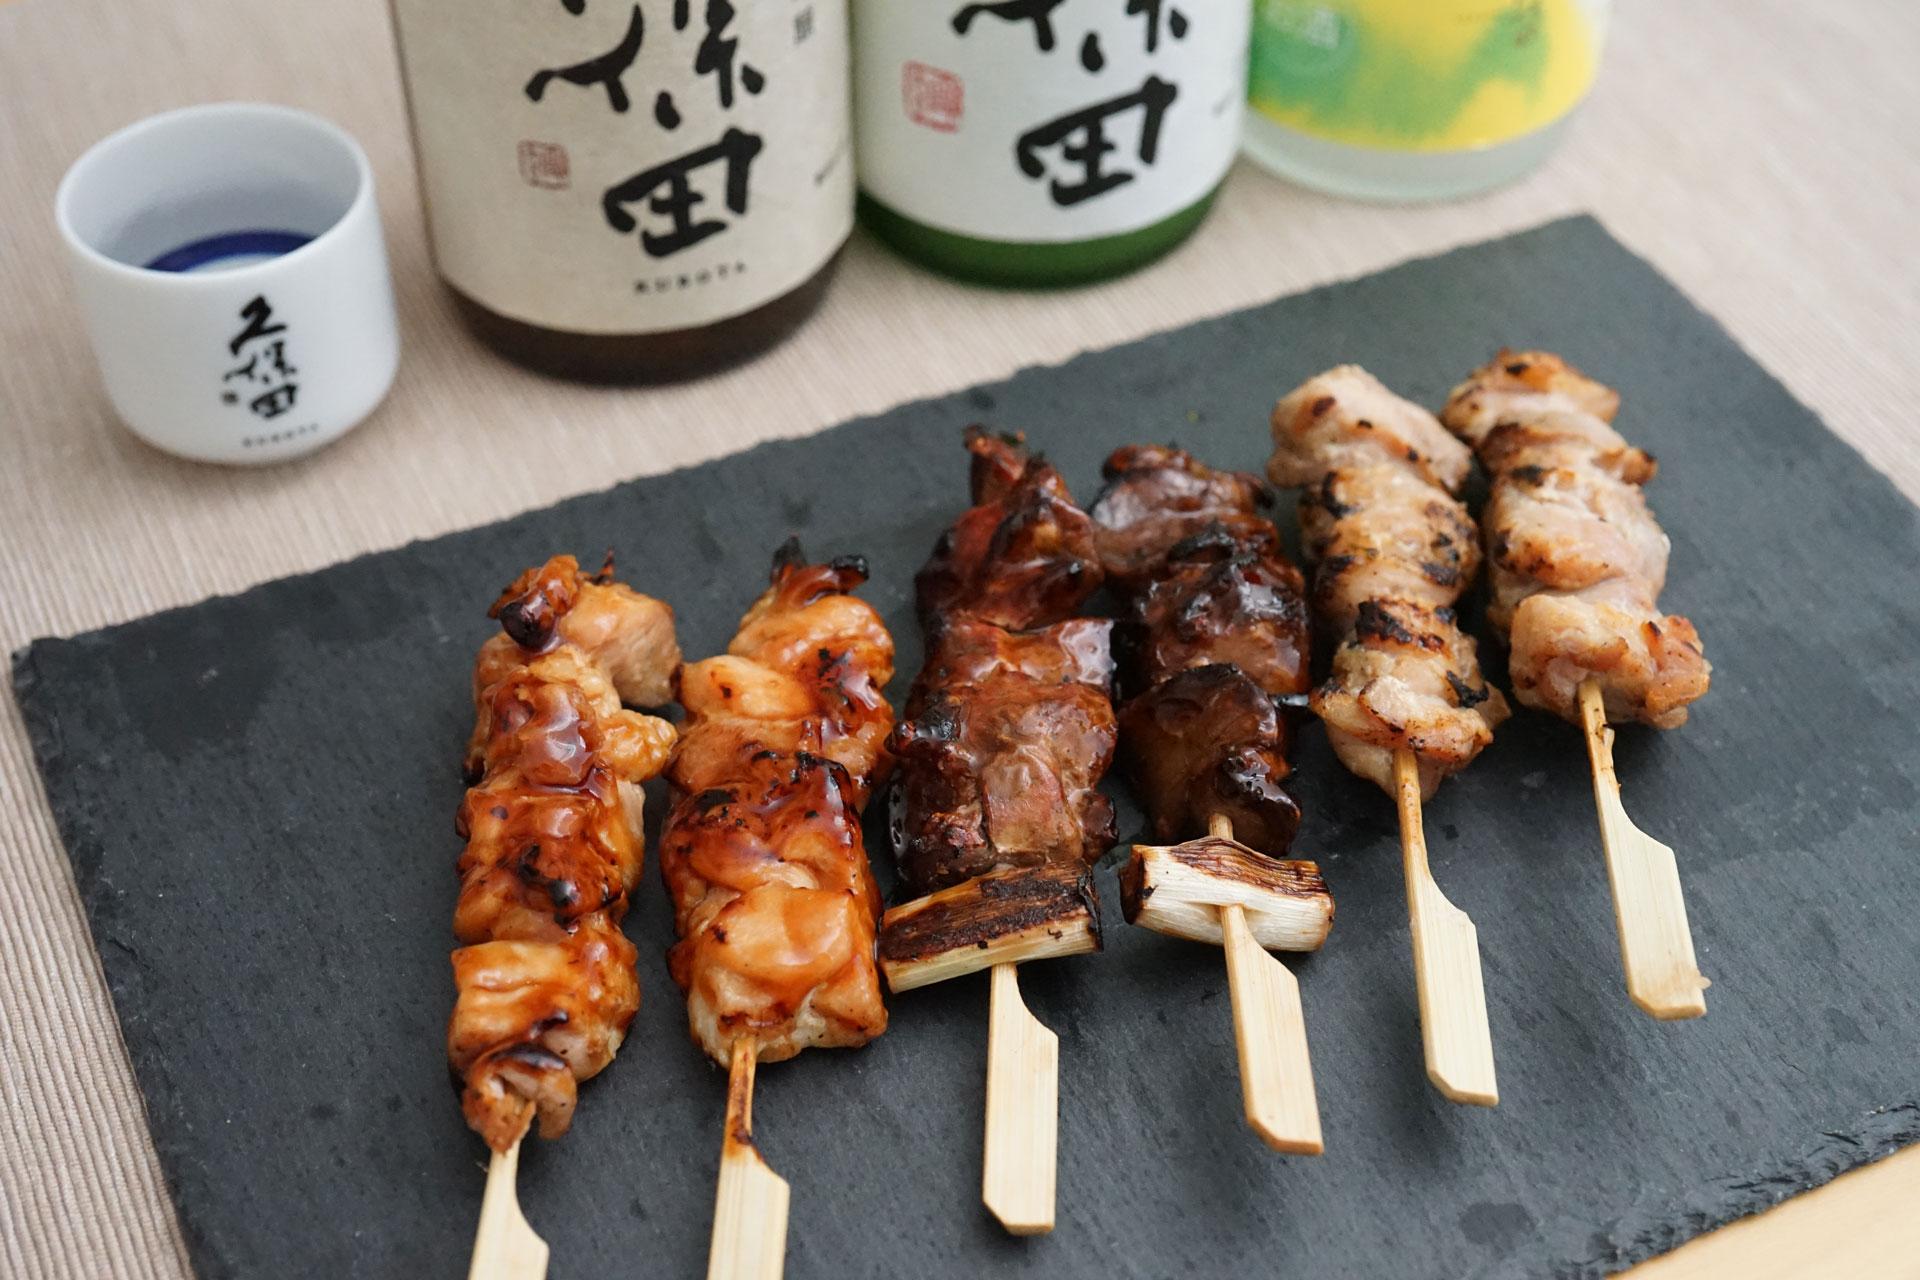 焼き鳥と日本酒、そのペアリングにこだわろう!